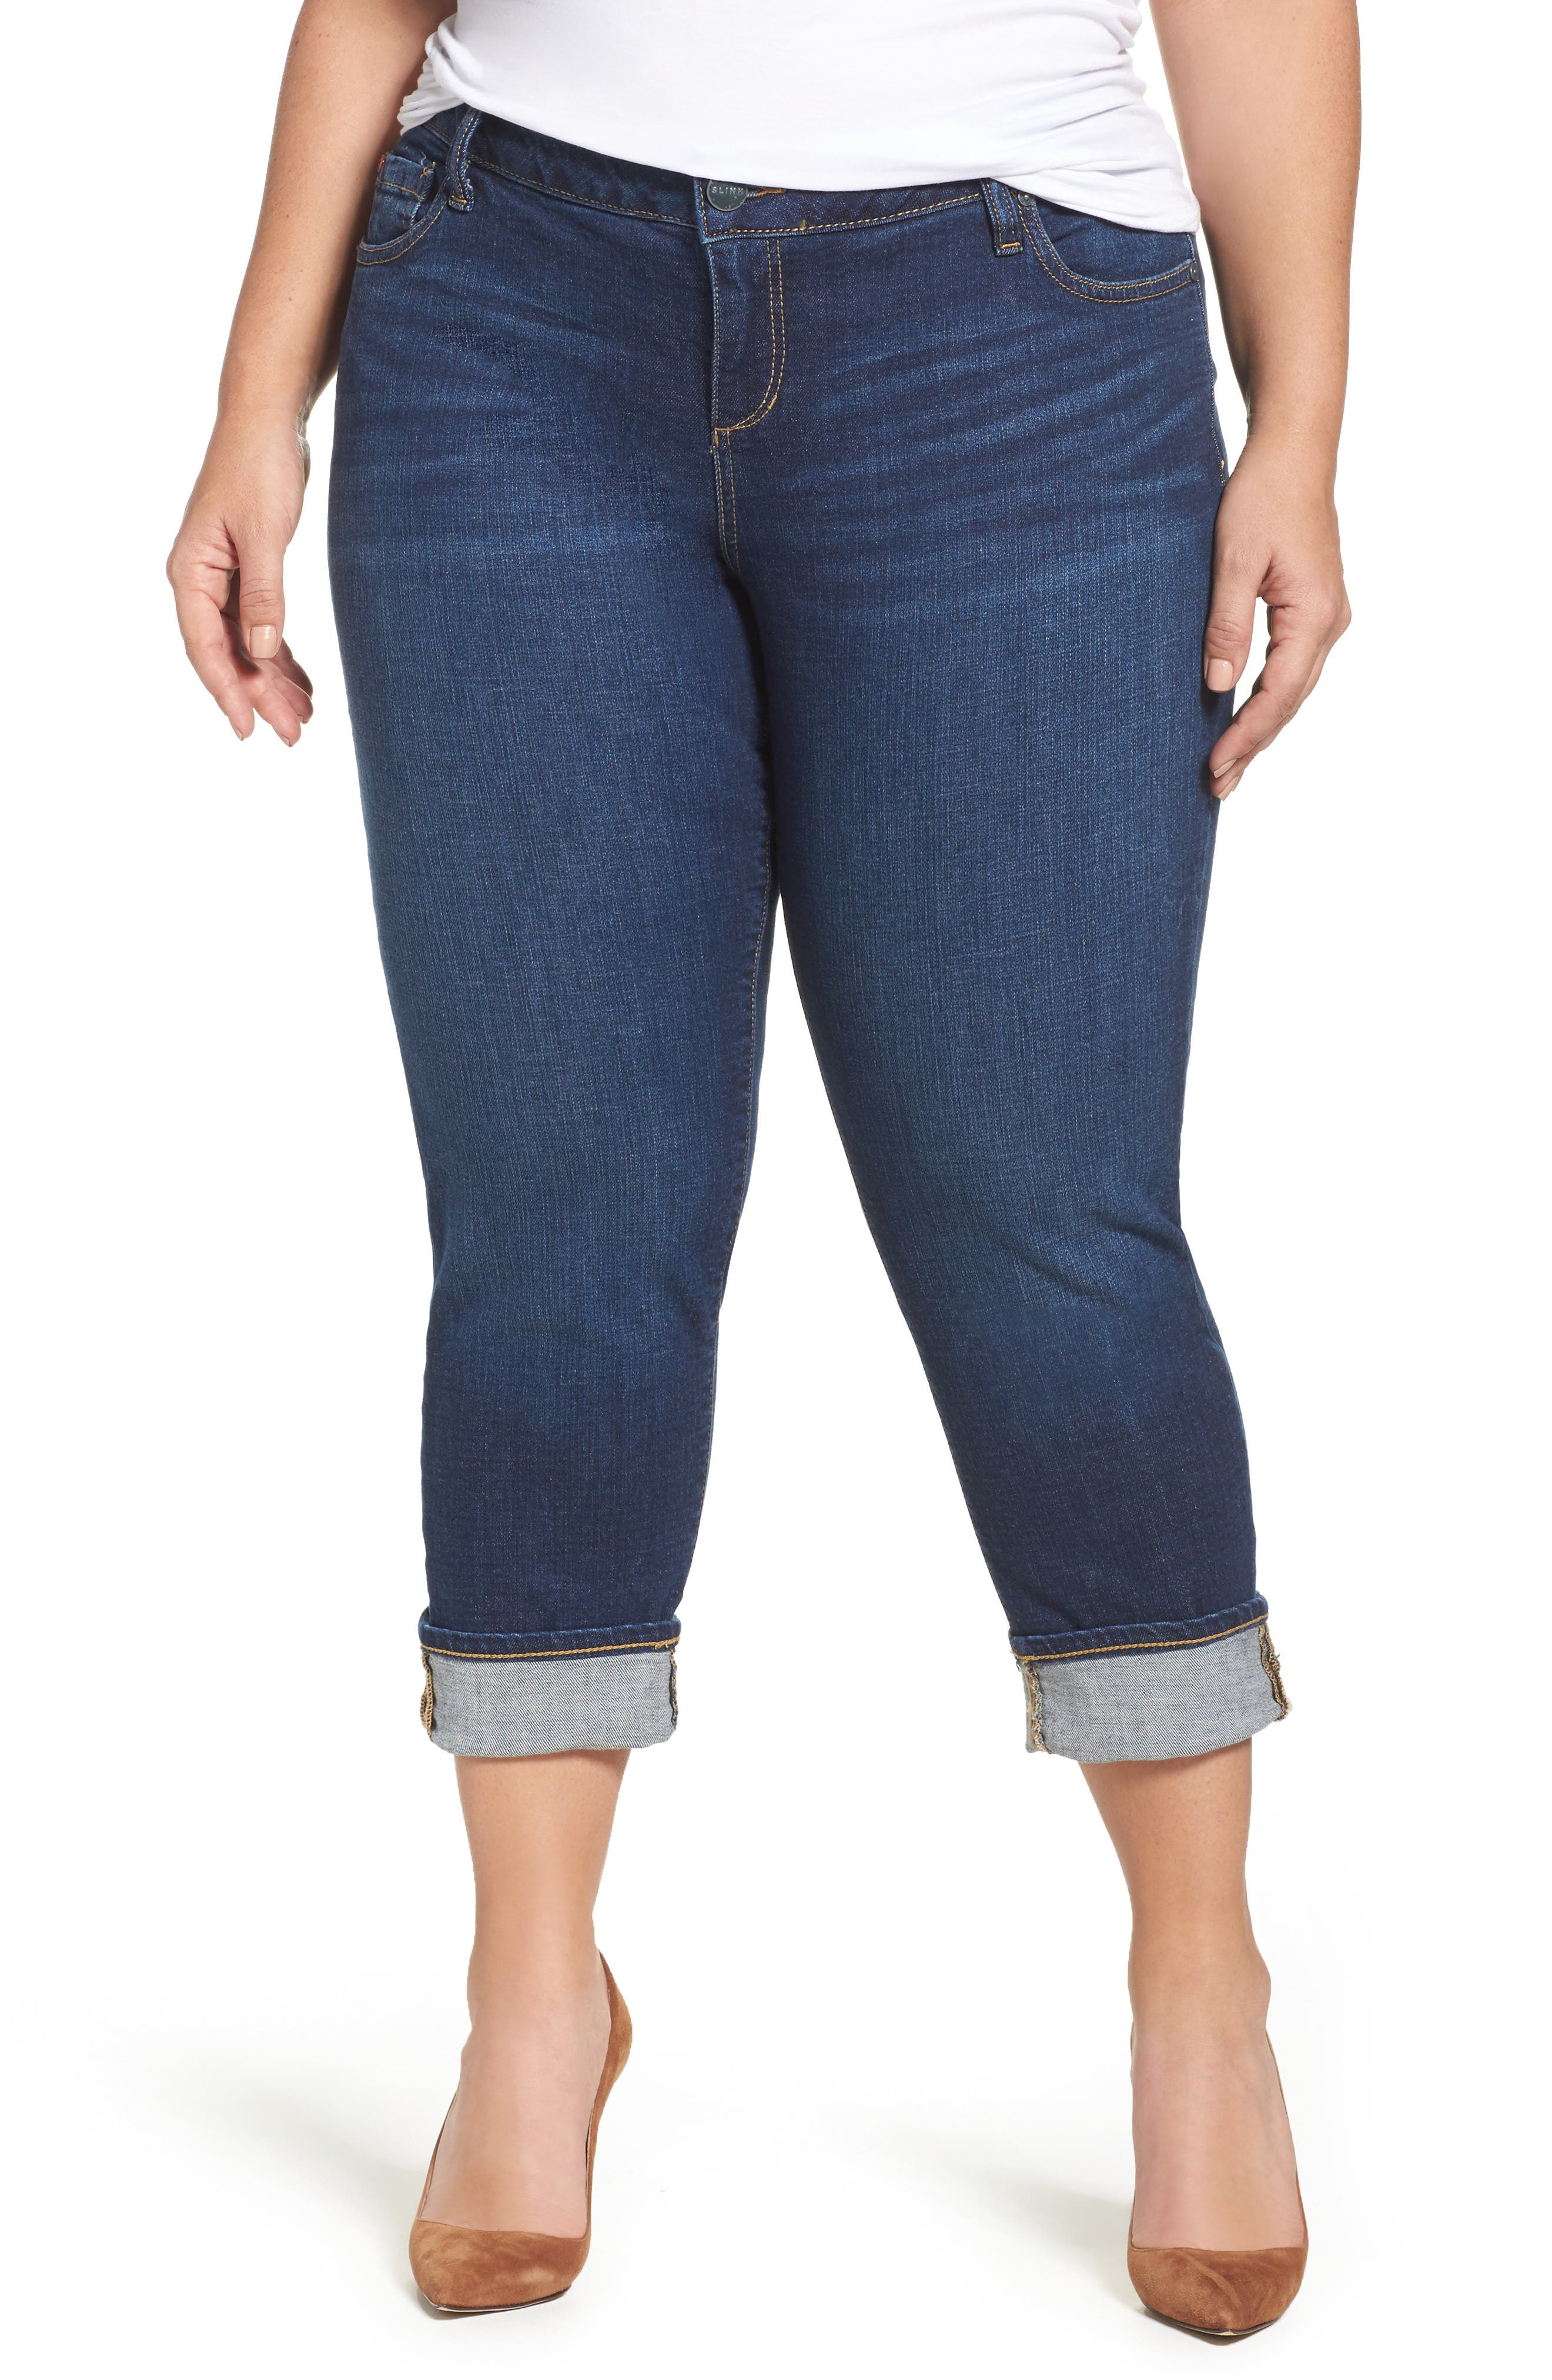 SLINK Jeans Roll Crop Boyfriend Jeans (Amber) (Plus Size)